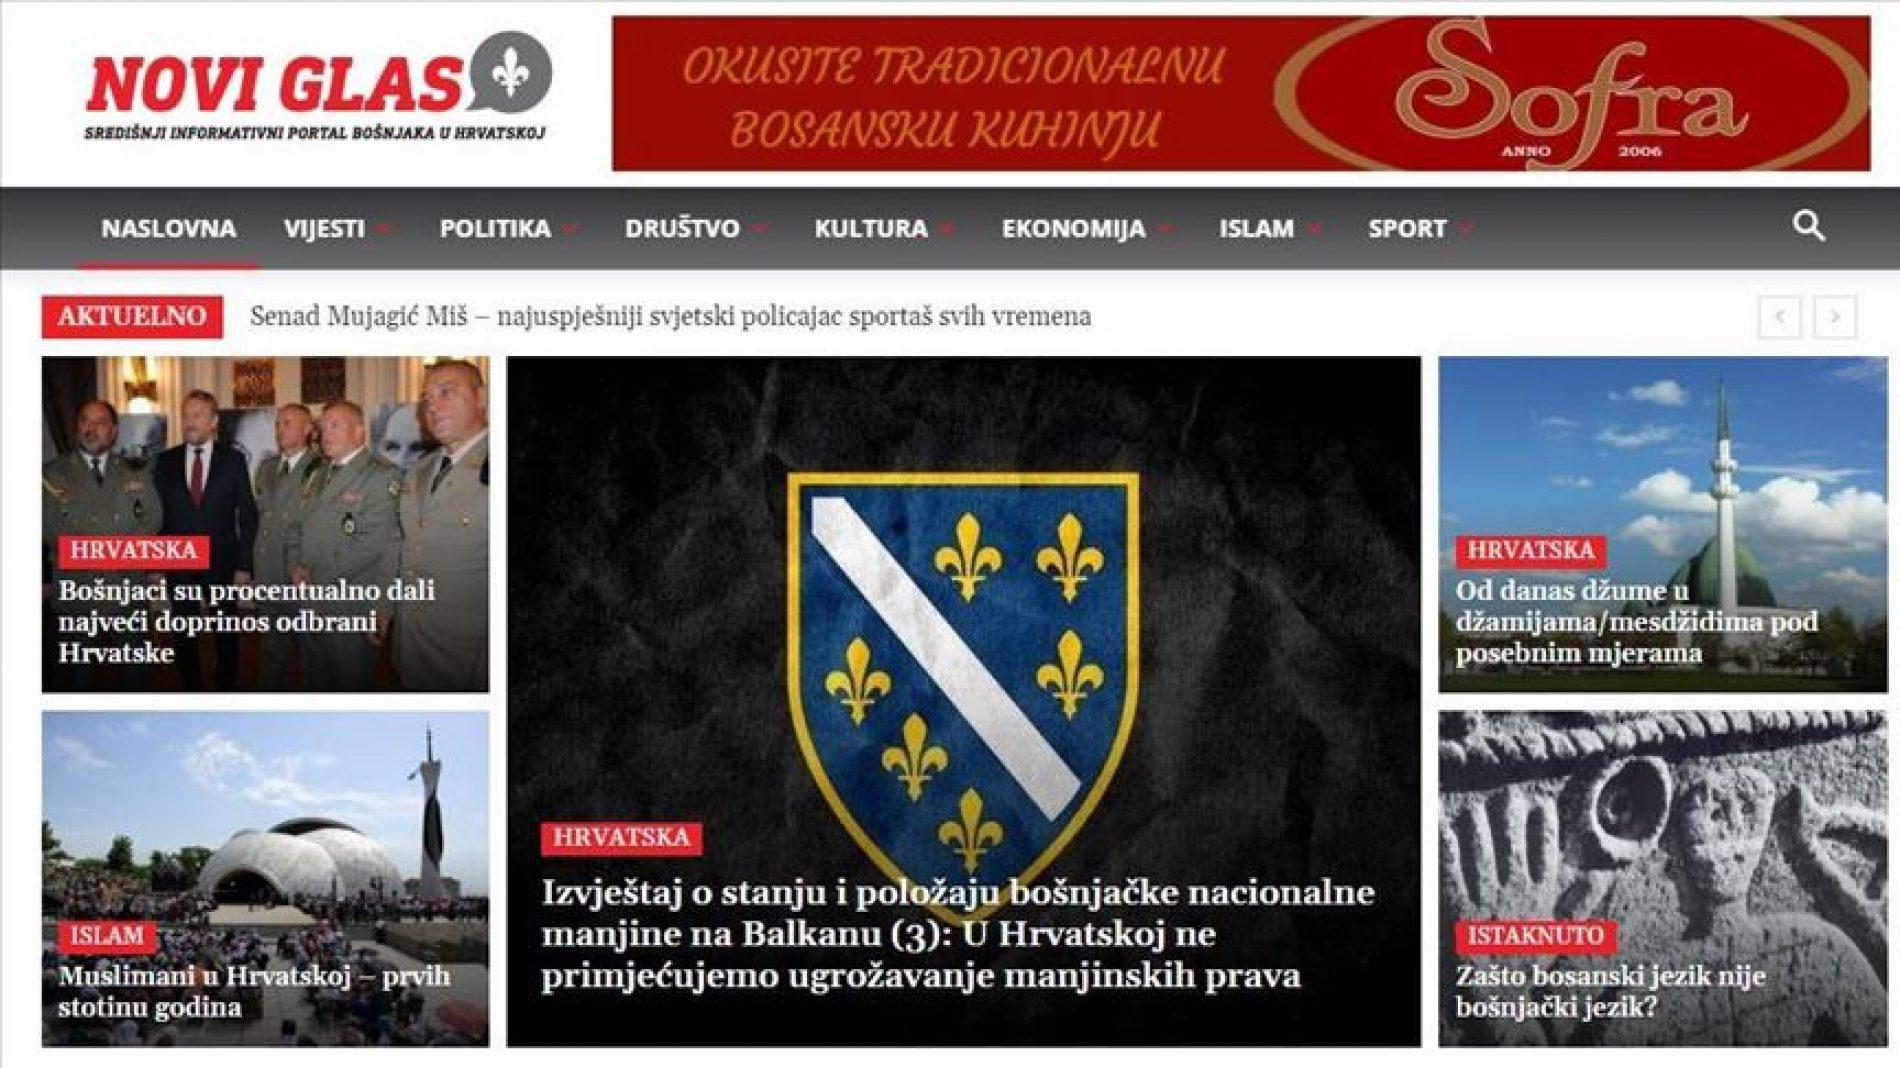 """Pokrenut """"Novi glas"""", središnji informativni portal Bošnjaka u Hrvatskoj"""